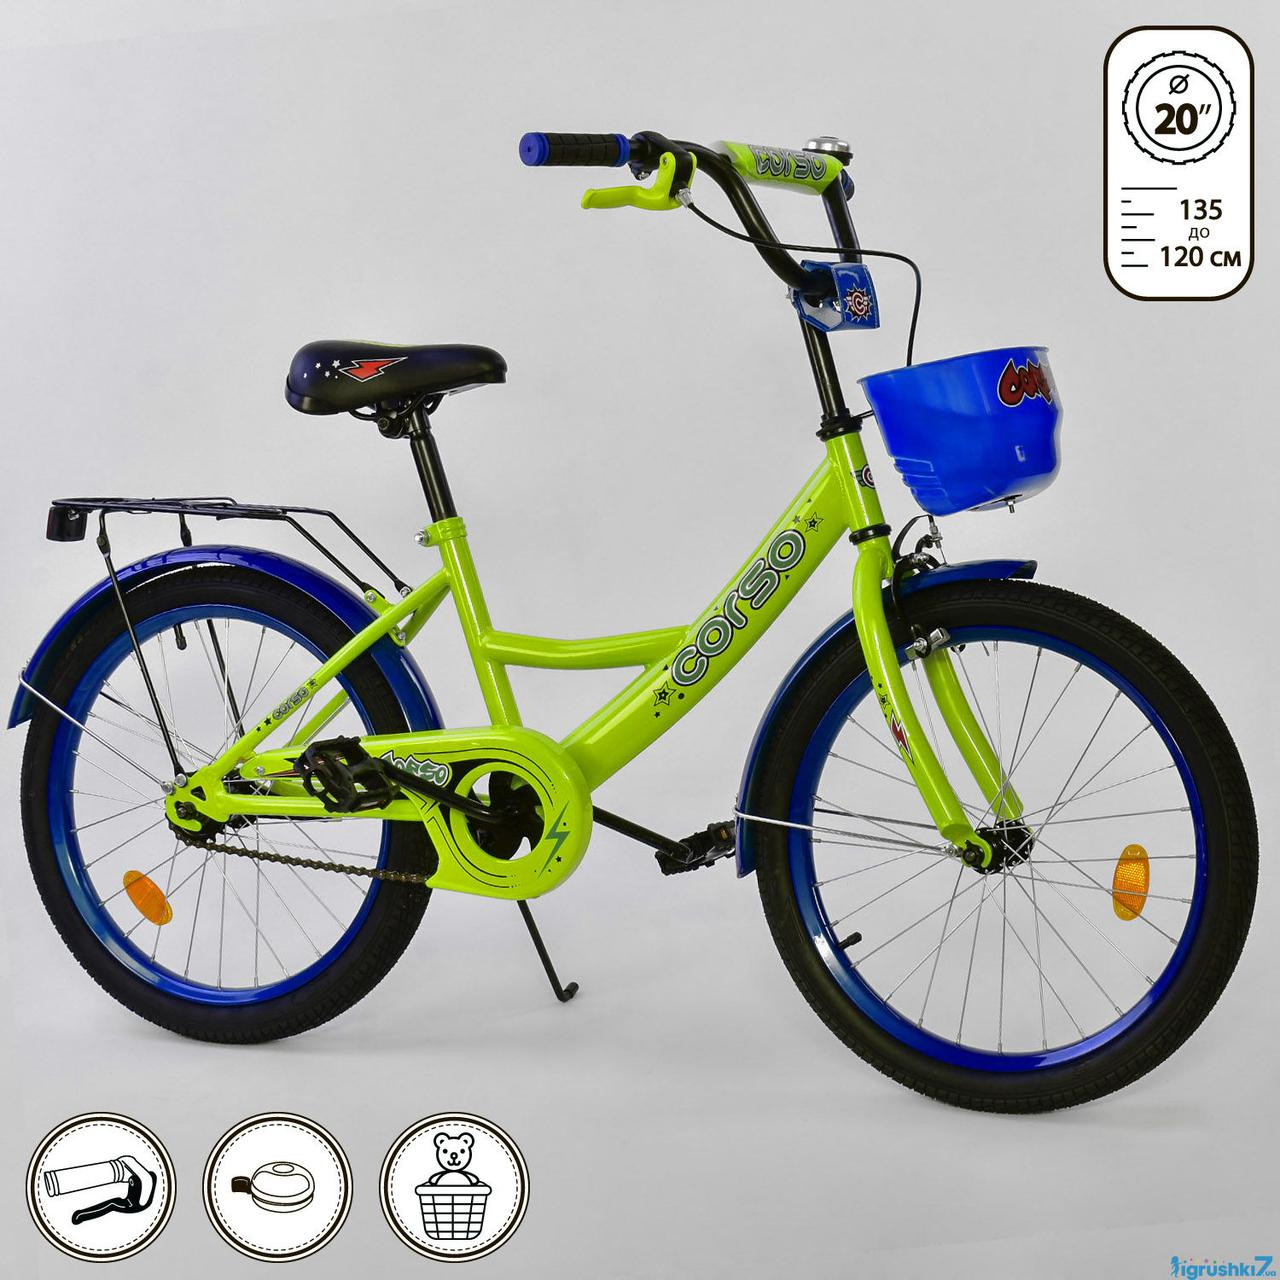 Двухколесный детский велосипед 20 дюймов CORSO G-20424 салатовый с корзинкой